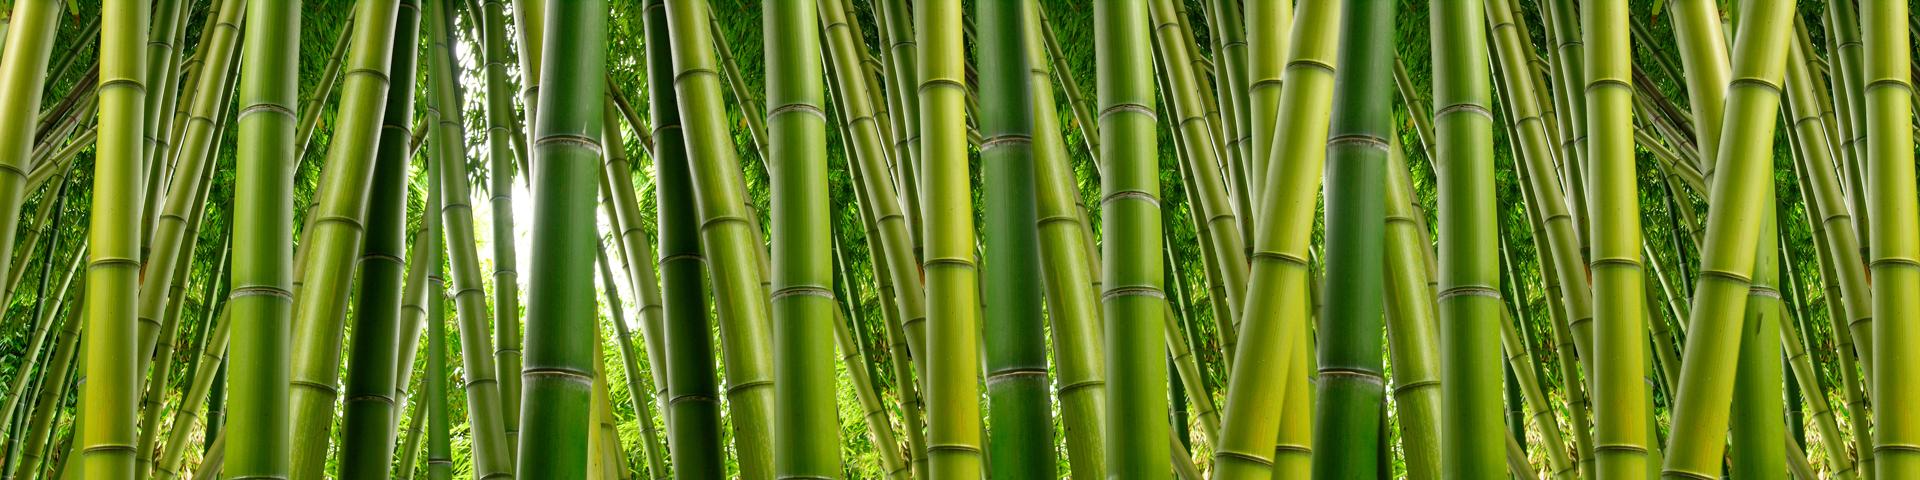 Il Bambù è una delle fibre ecosostenibili utilizzate per creare carte ecologiche e sostenibili